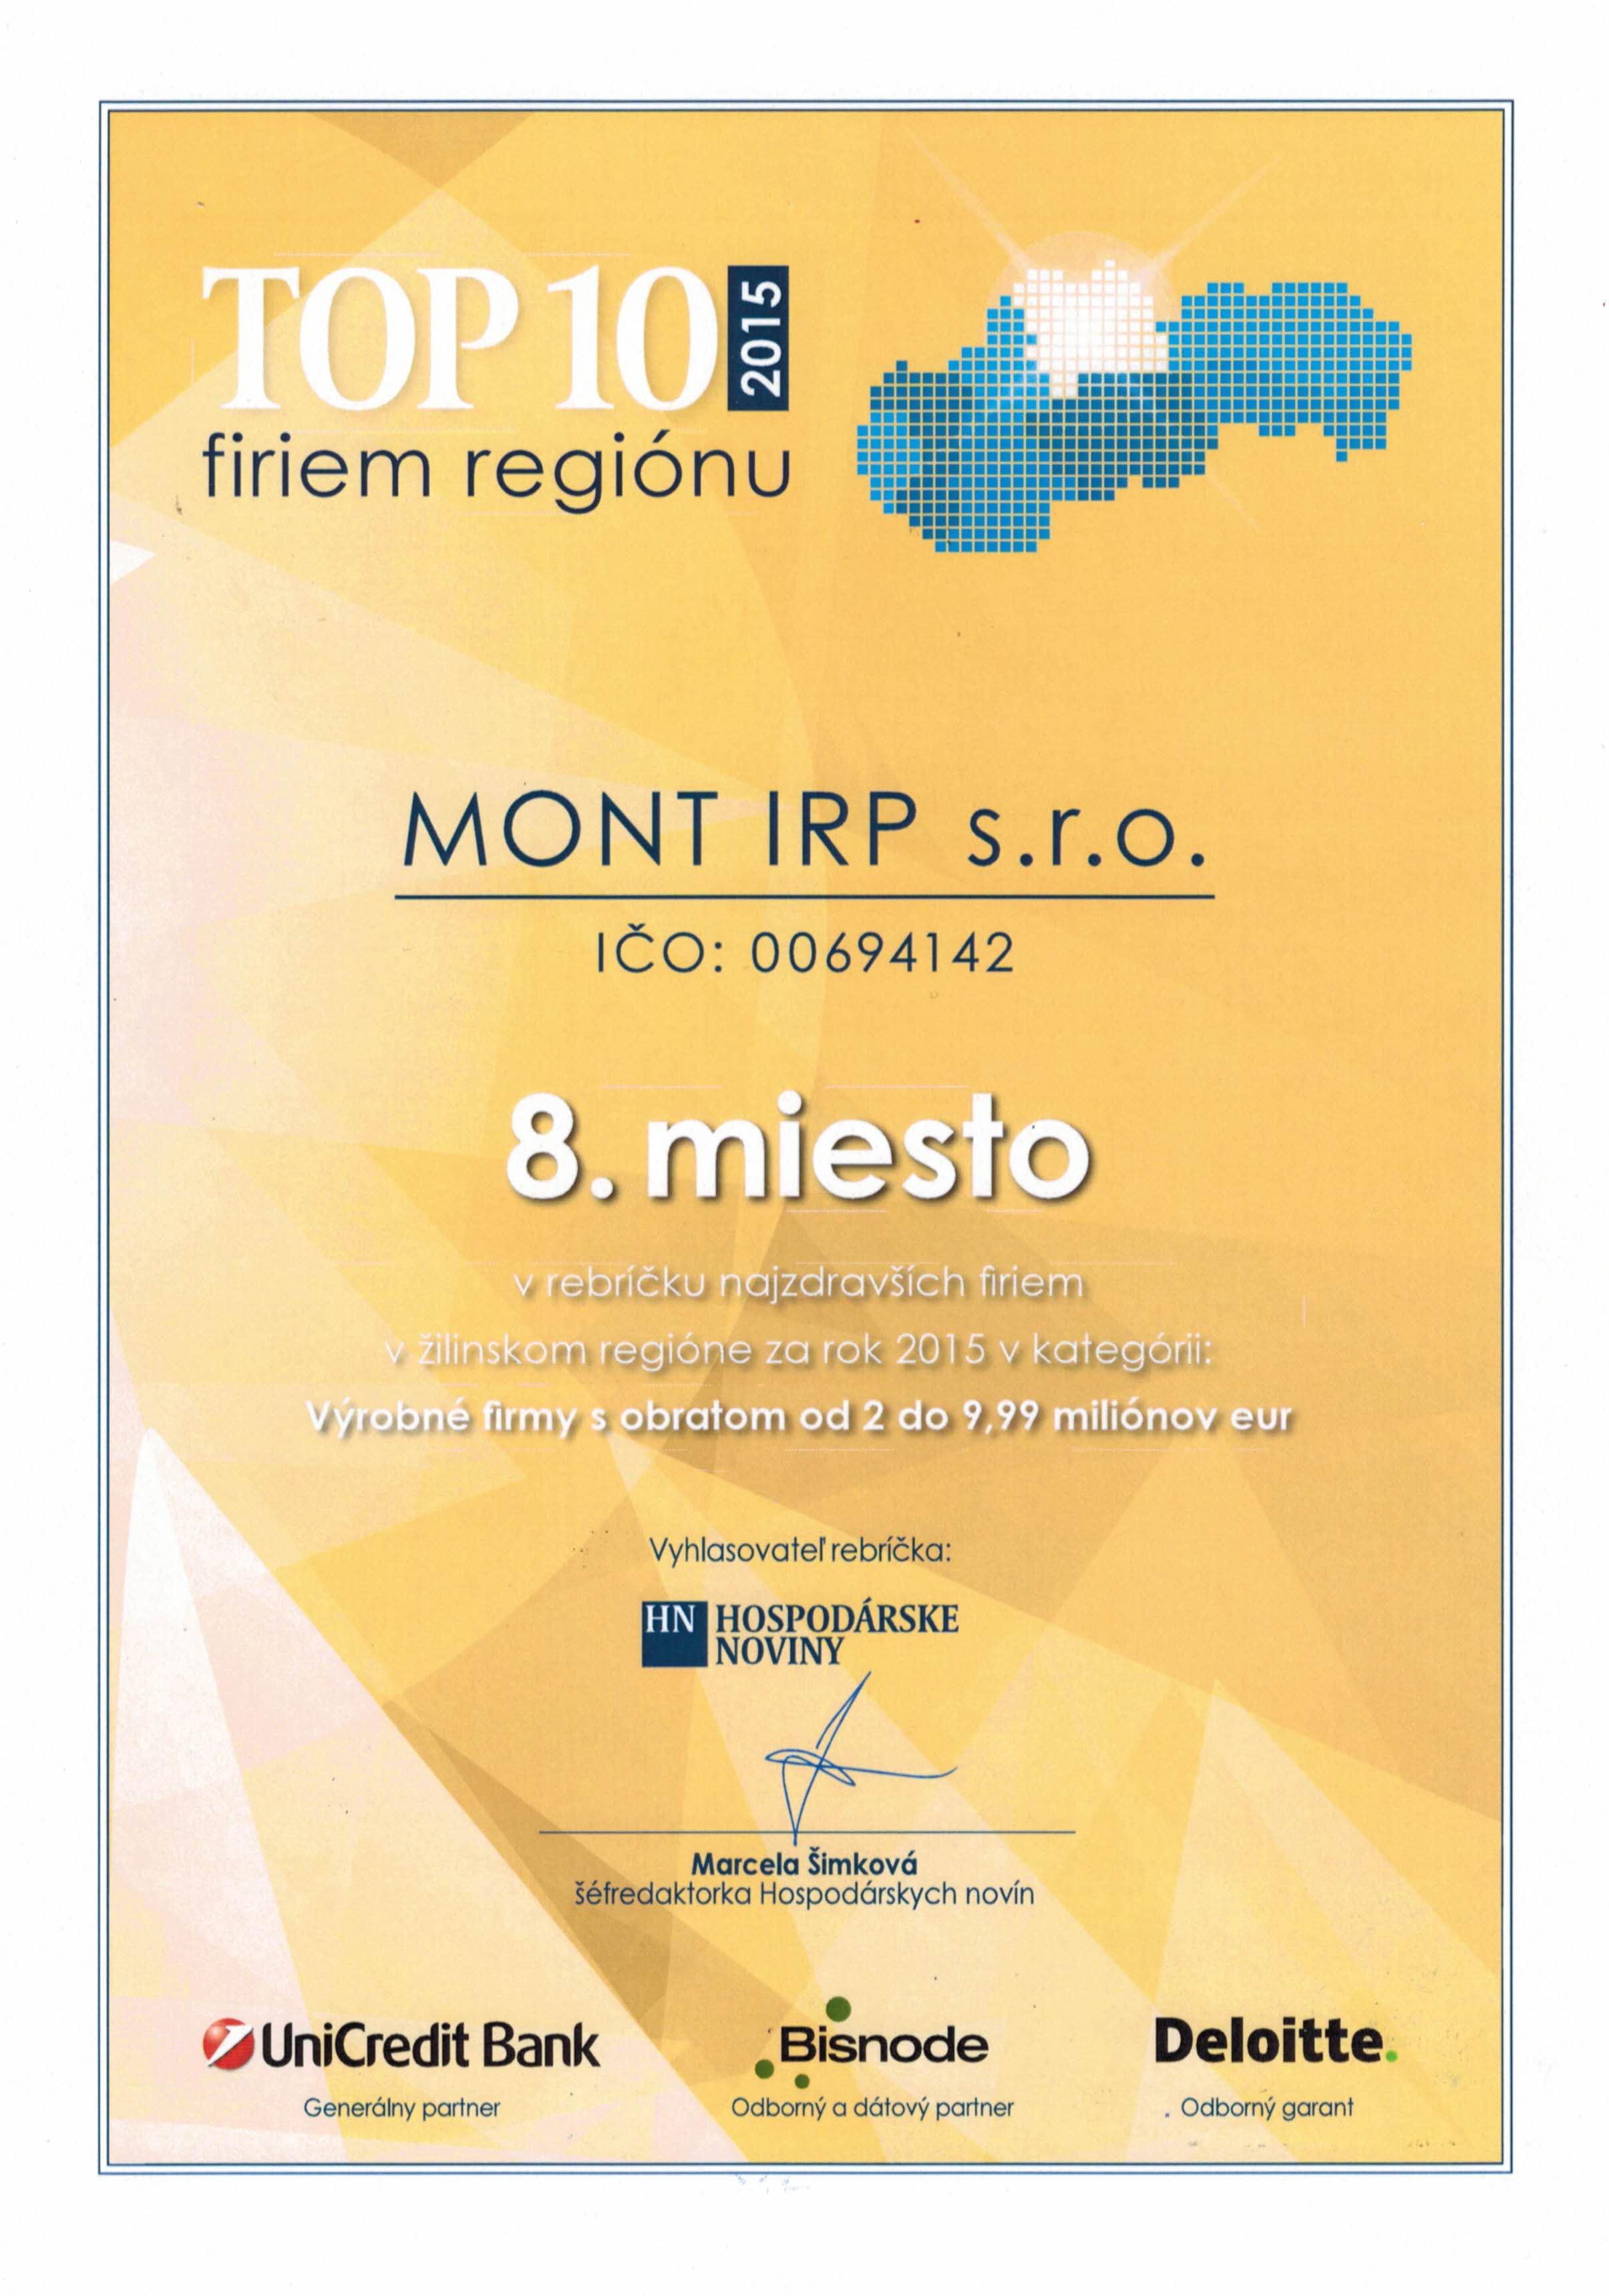 8.miesto-TOP10-najzdravšie firmi ŽA reg - 2015